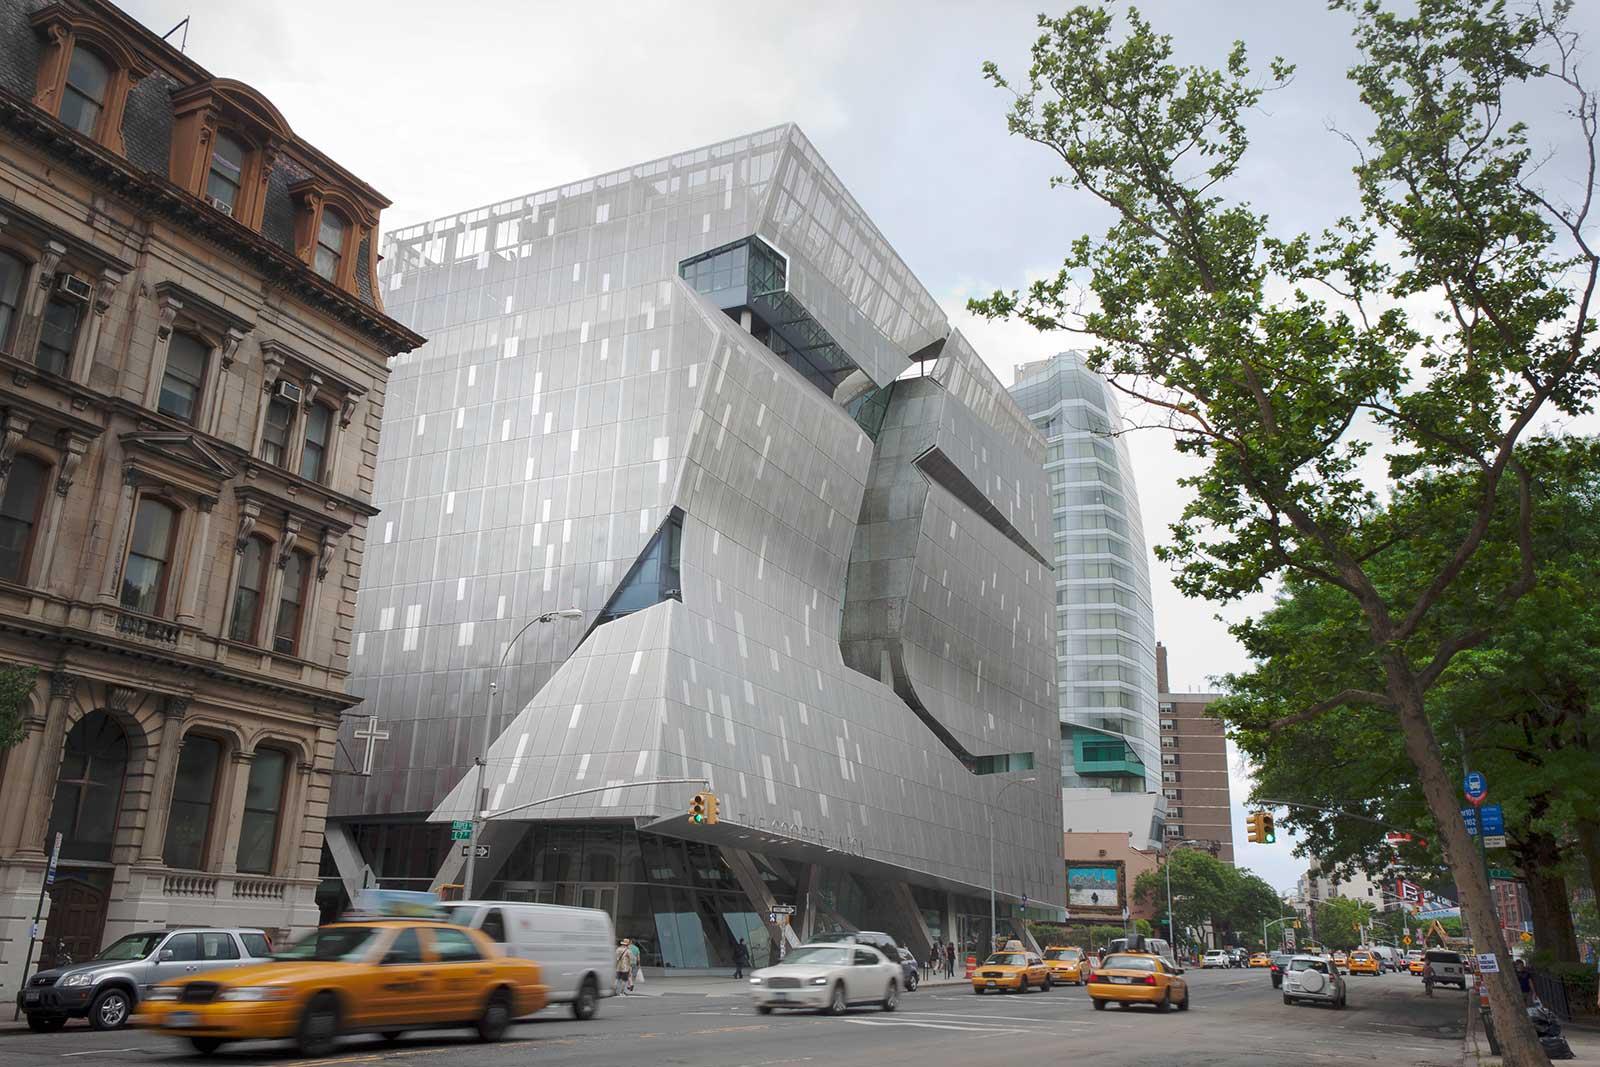 Cooper Union New Academic Building in Manhattan.